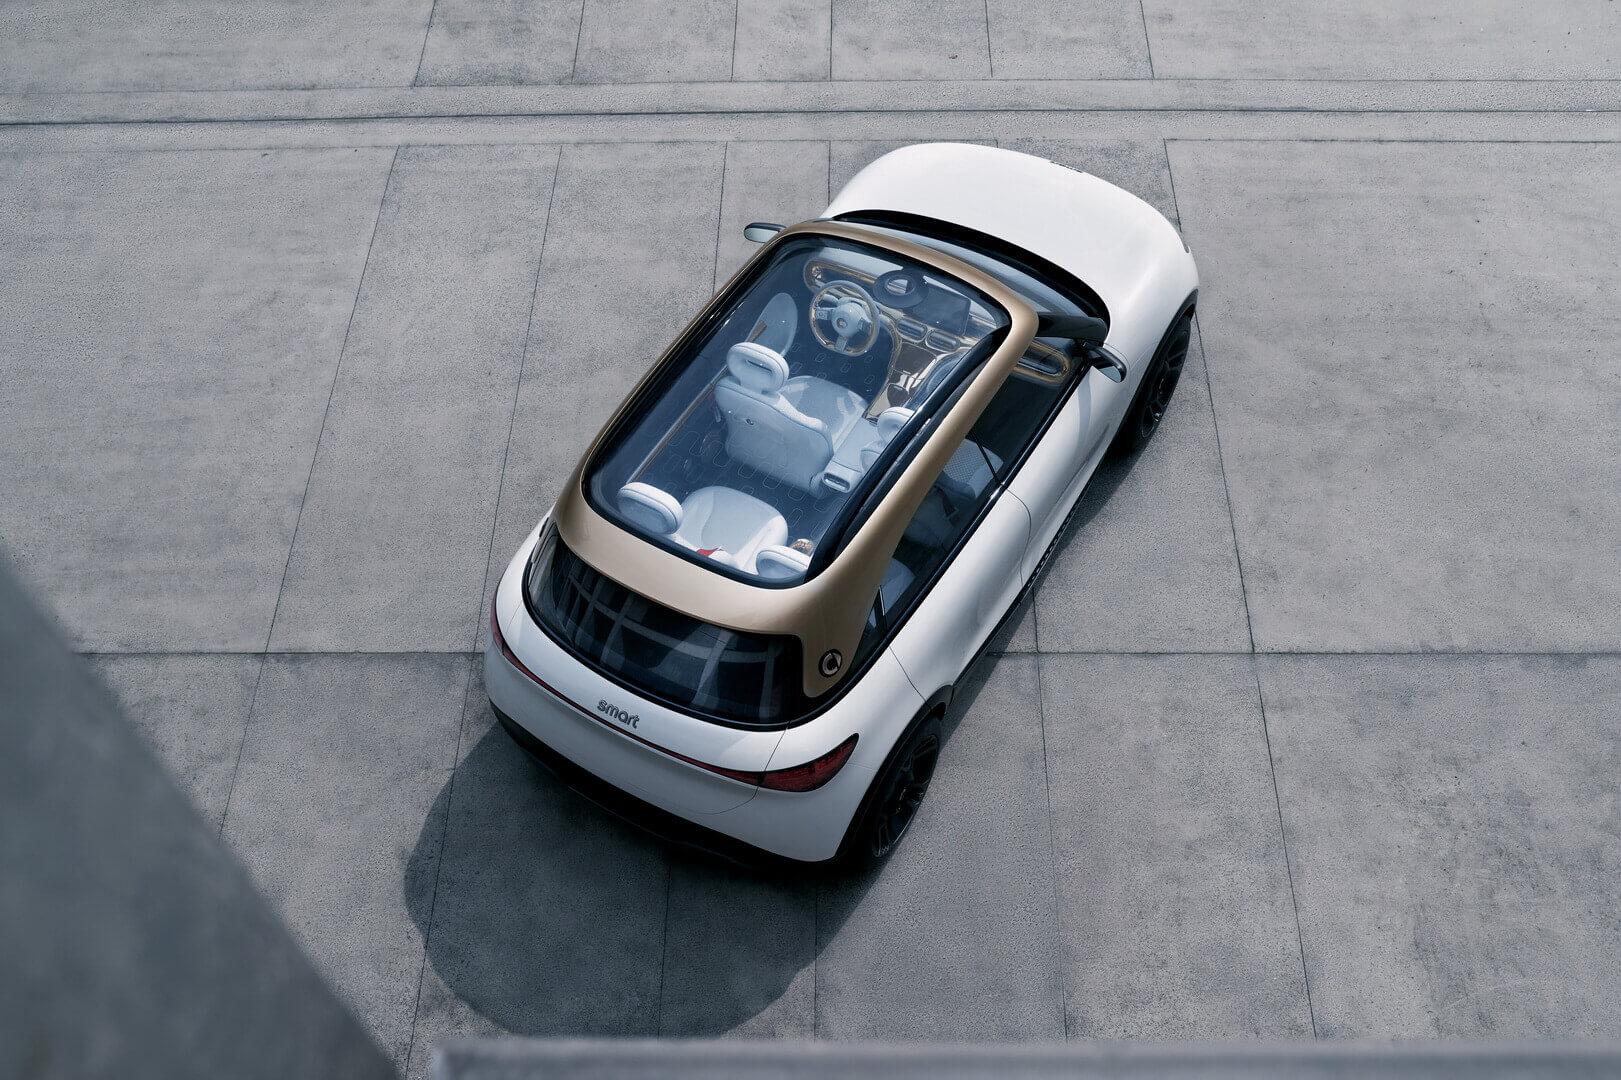 Одна изцентральных особенностей дизайна— большая панорамная стеклянная крыша сярким световым кольцом